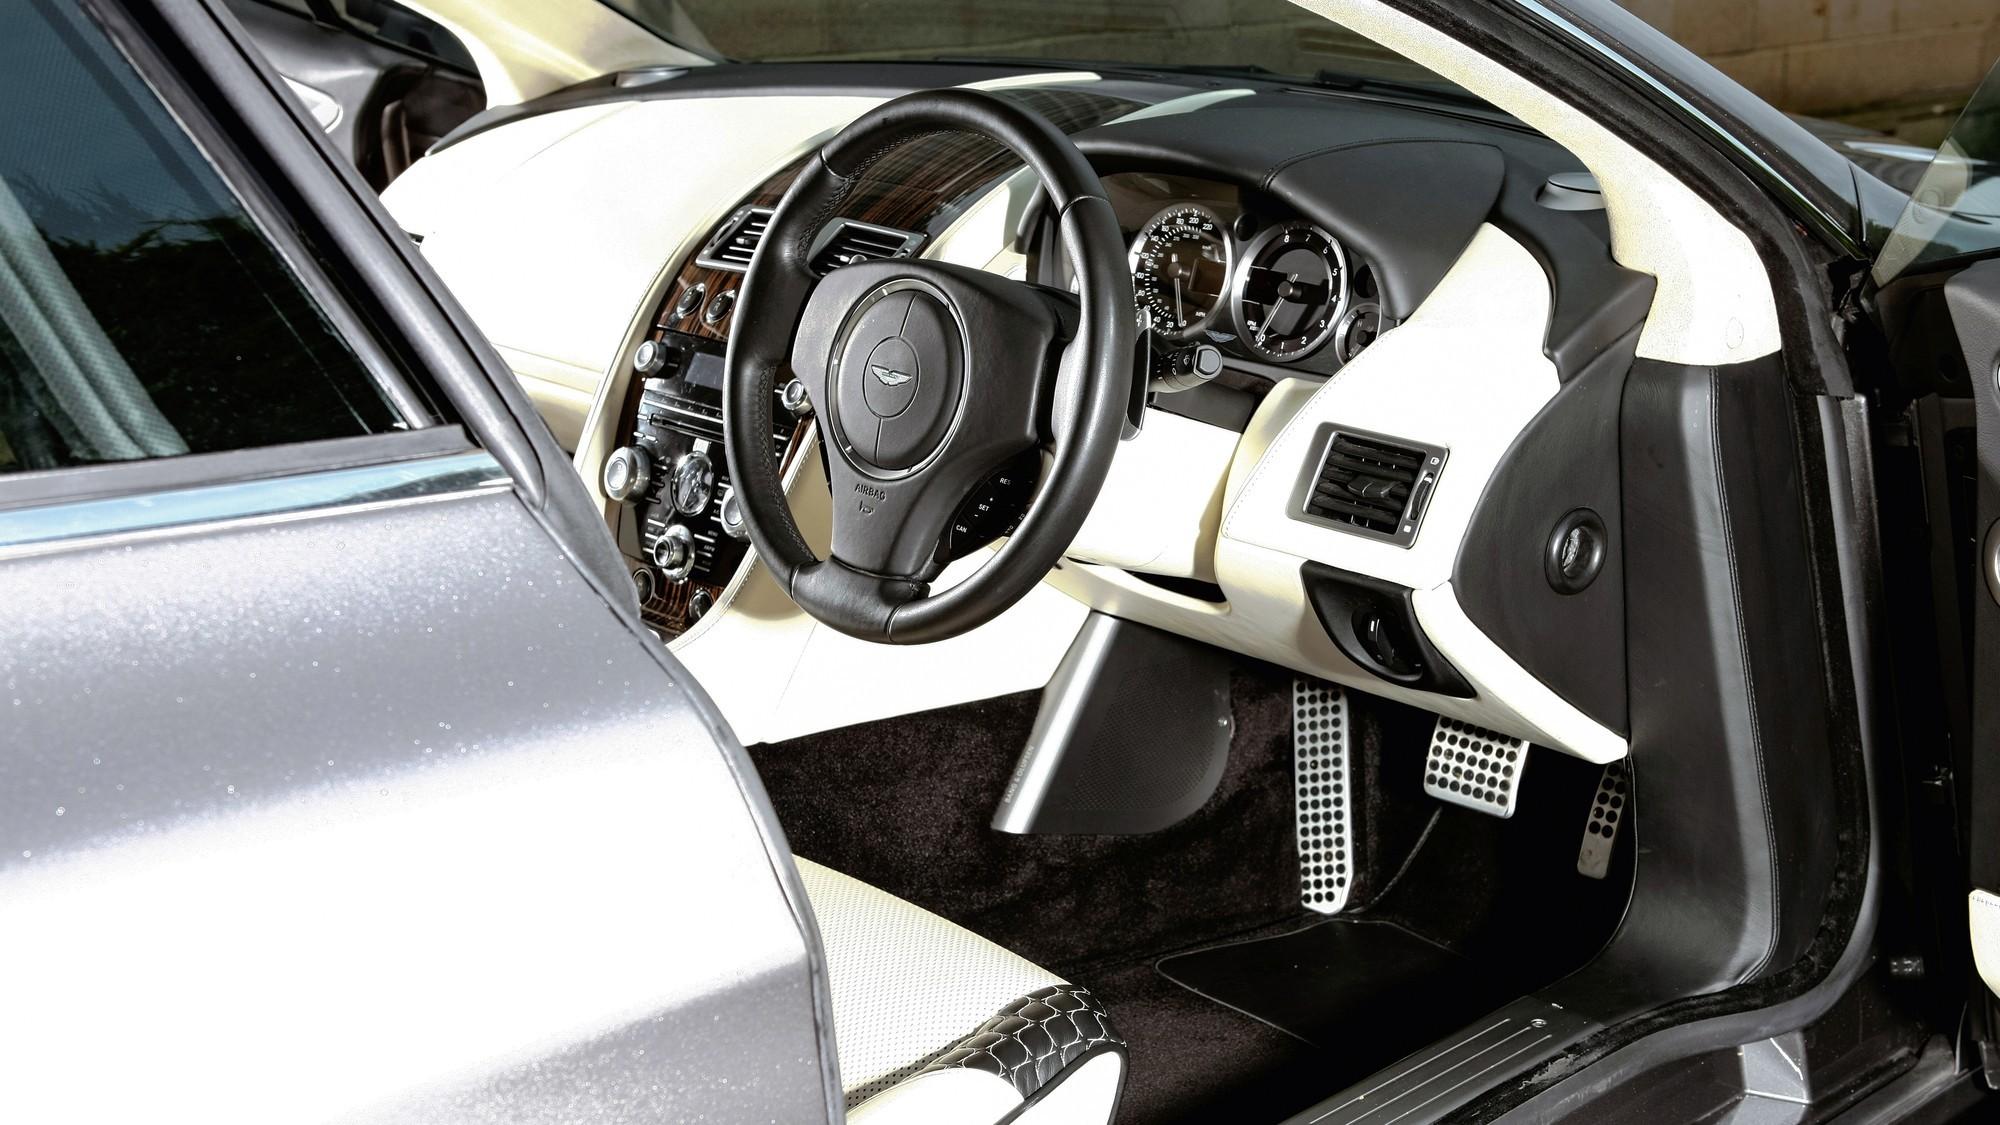 Единственный шутинг-брейк на базе Aston Martin Rapide выставлен на продажу